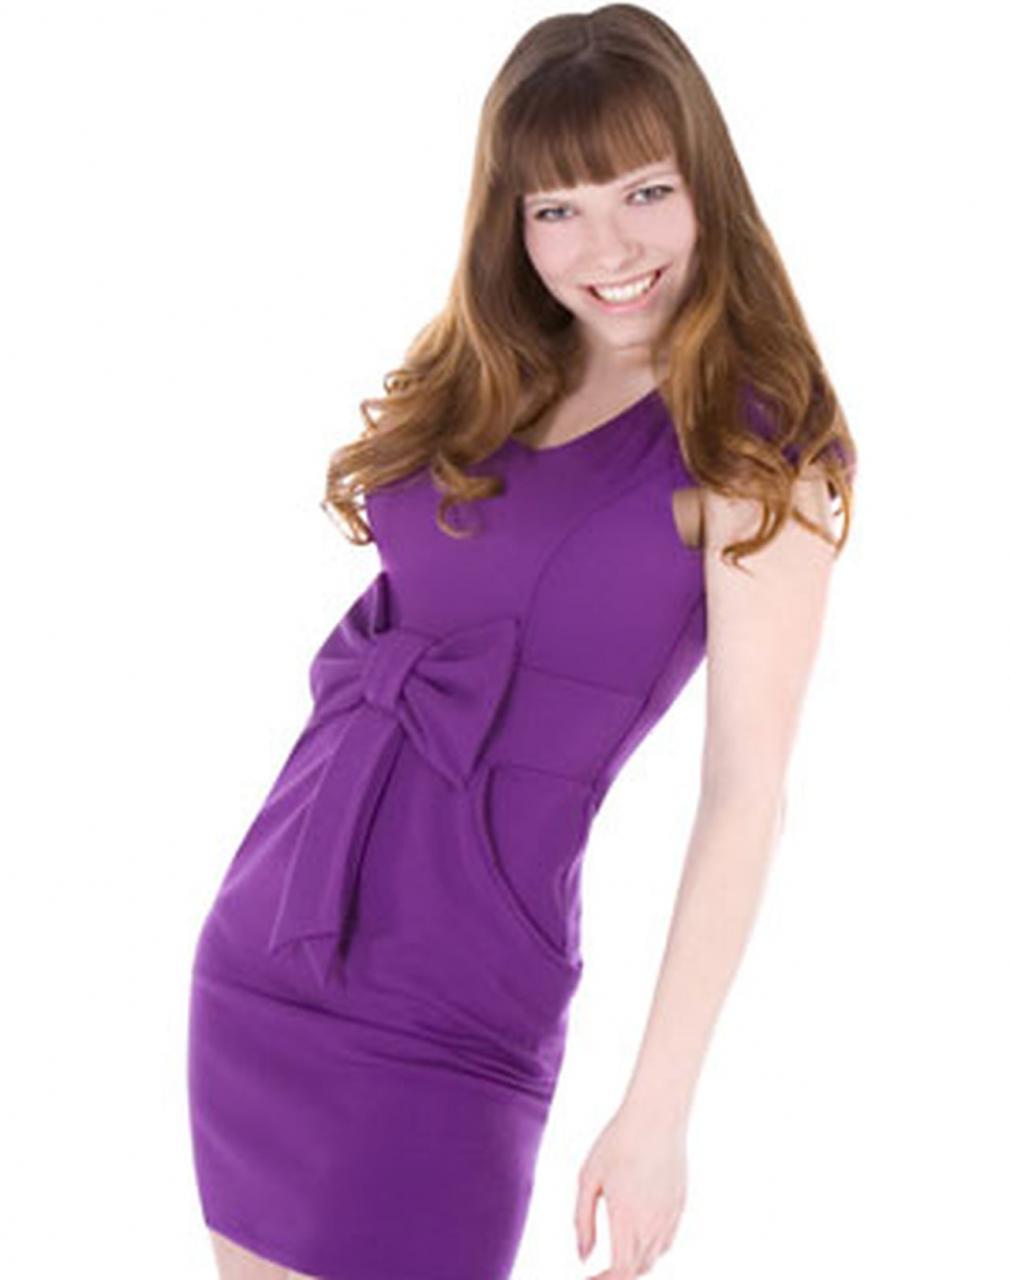 كيف اختار الفستان المناسب لجسمي؟